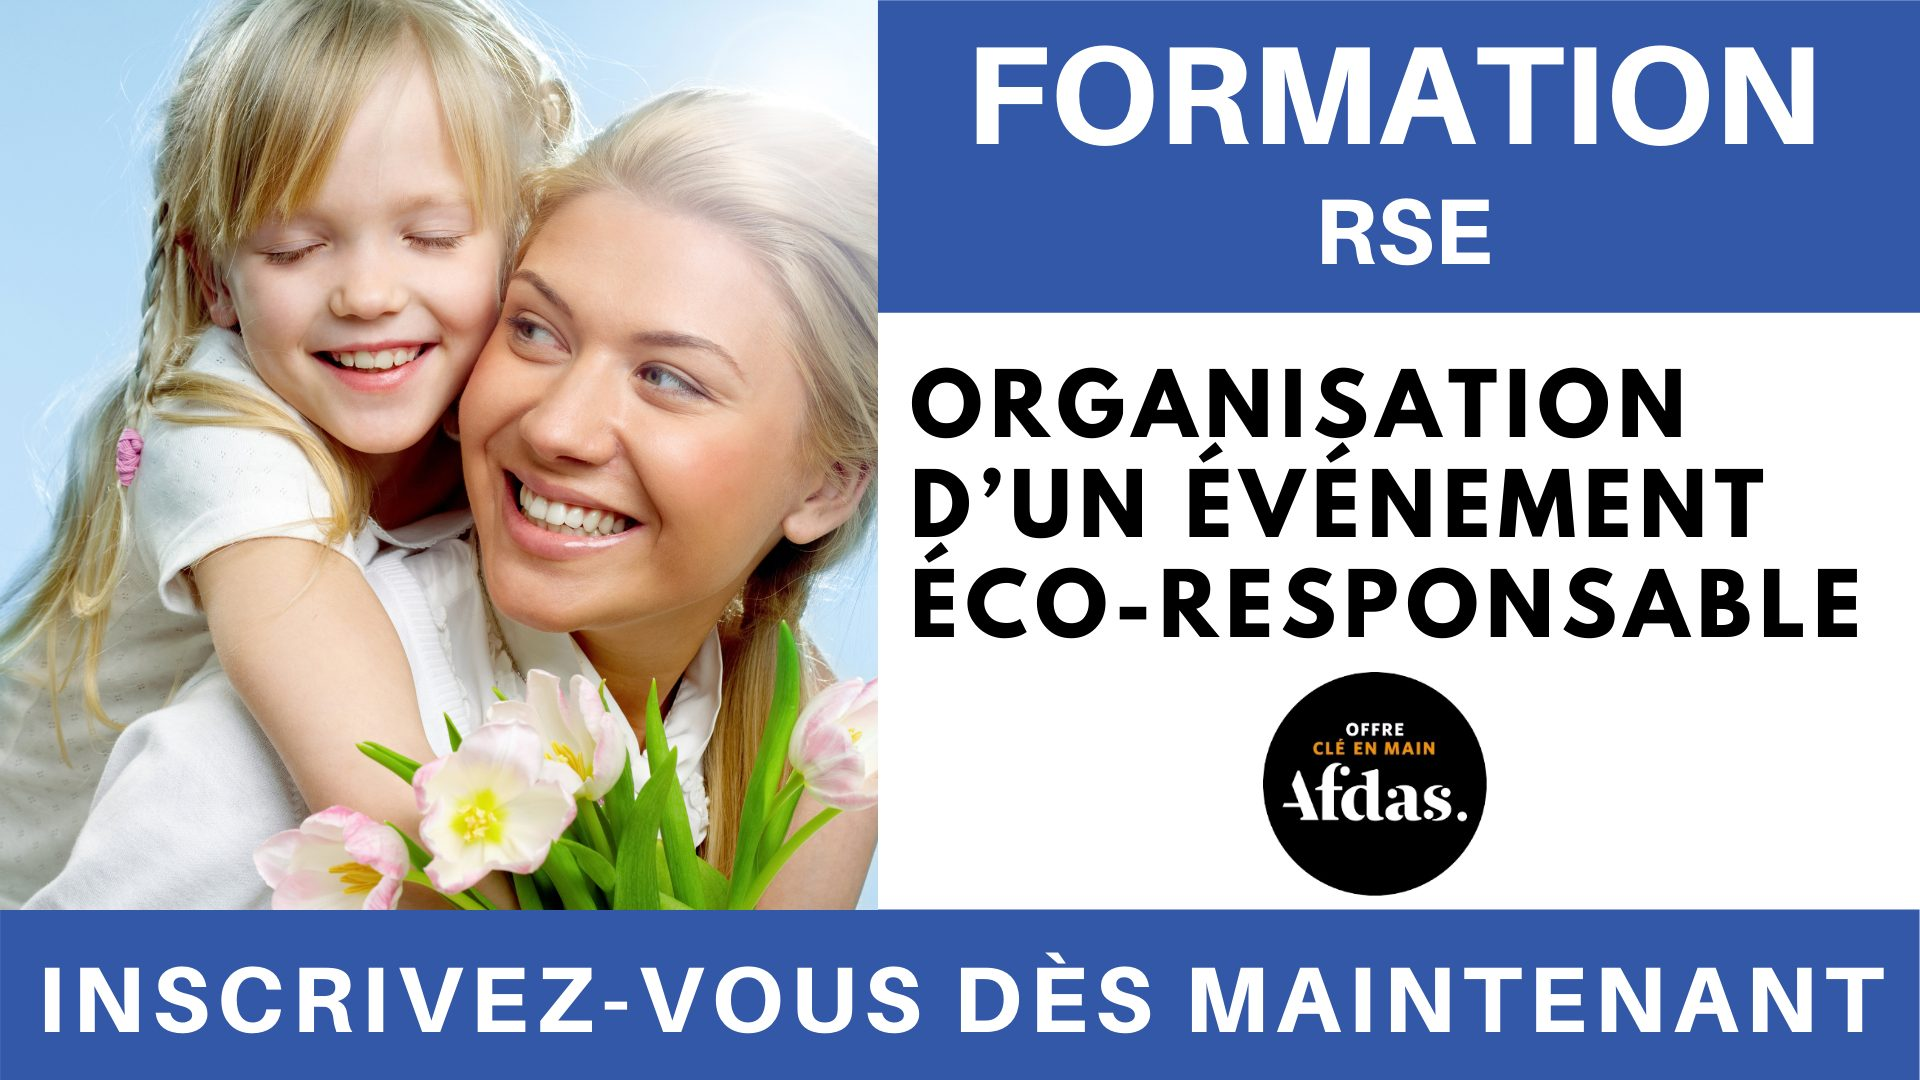 Formation RSE - Organisation d'un événement éco-responsable